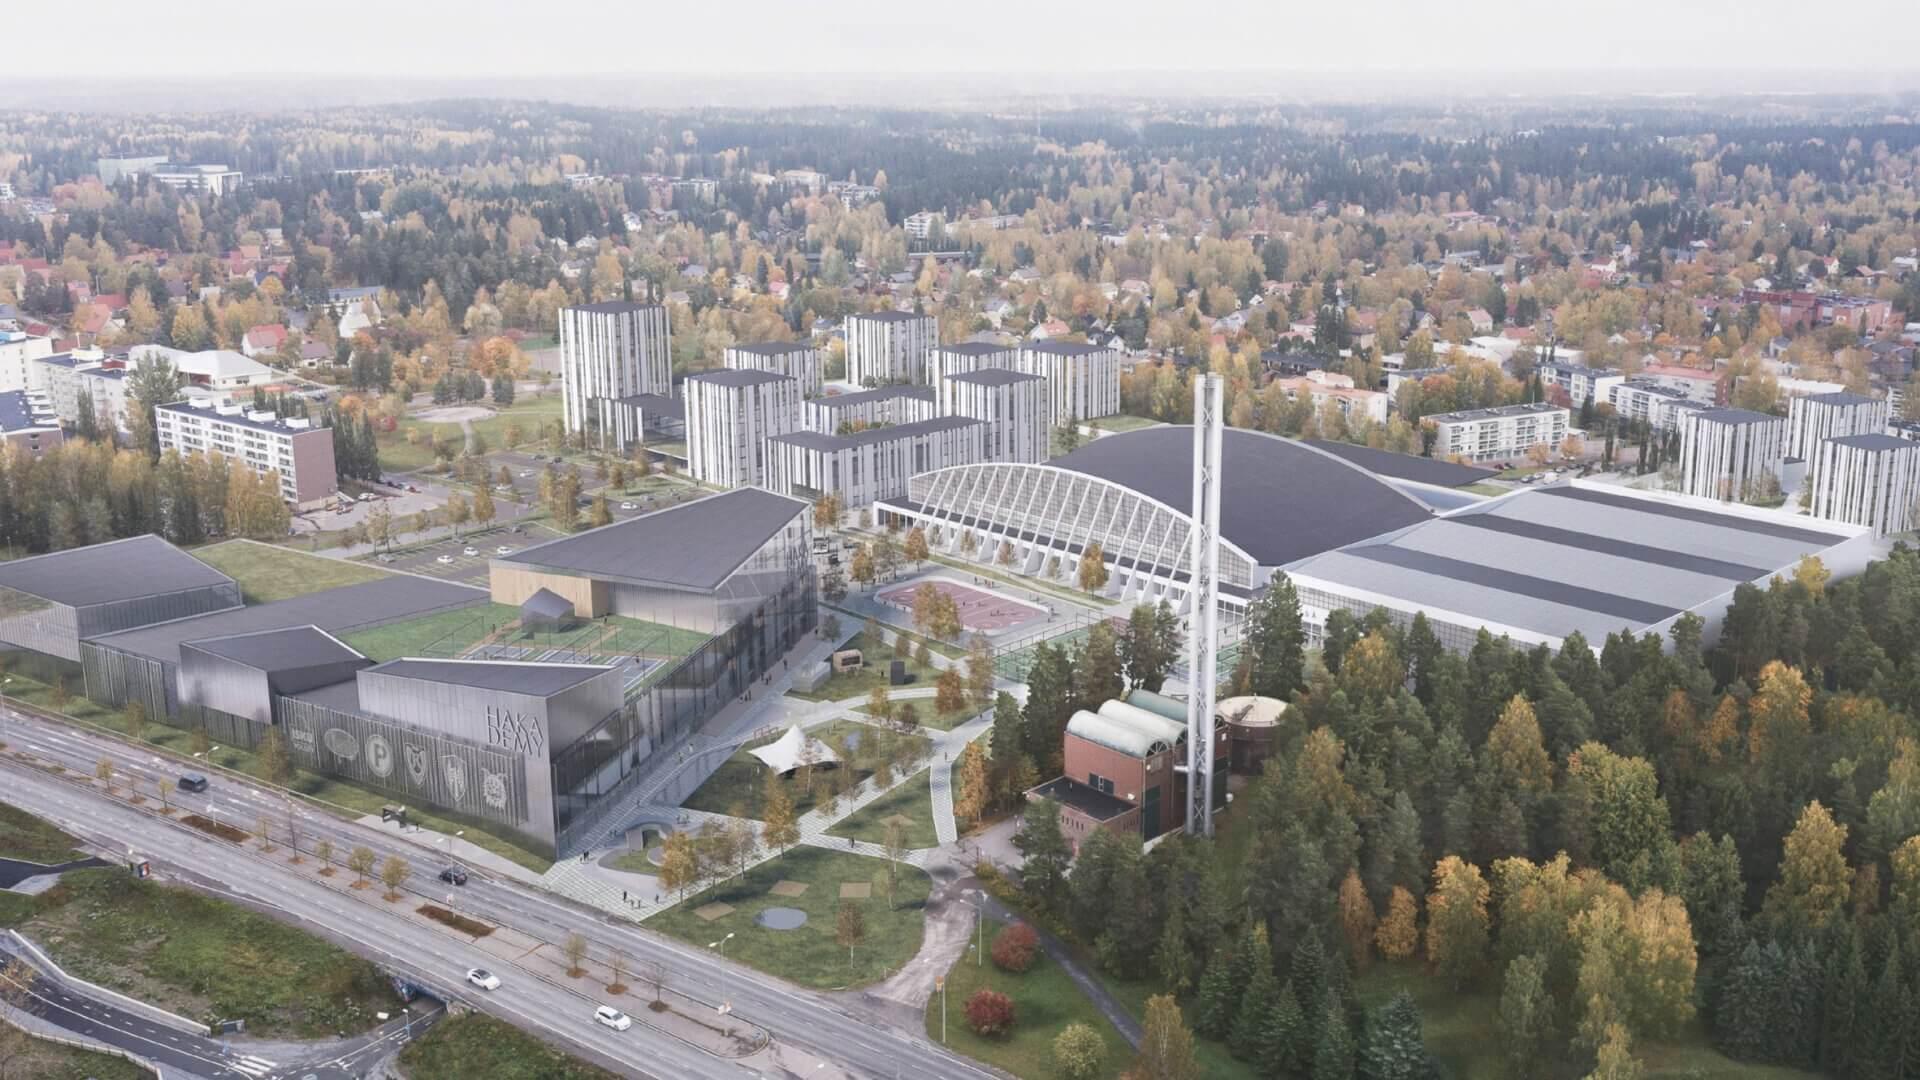 """Meijou osallistui Tampereen kaupungin järjestämään Hakametsän suunnittelukilpailuun, tuloksena palkintosijoille yltänyt """"Hakametsä Sport Campus -konsepti"""" 2"""